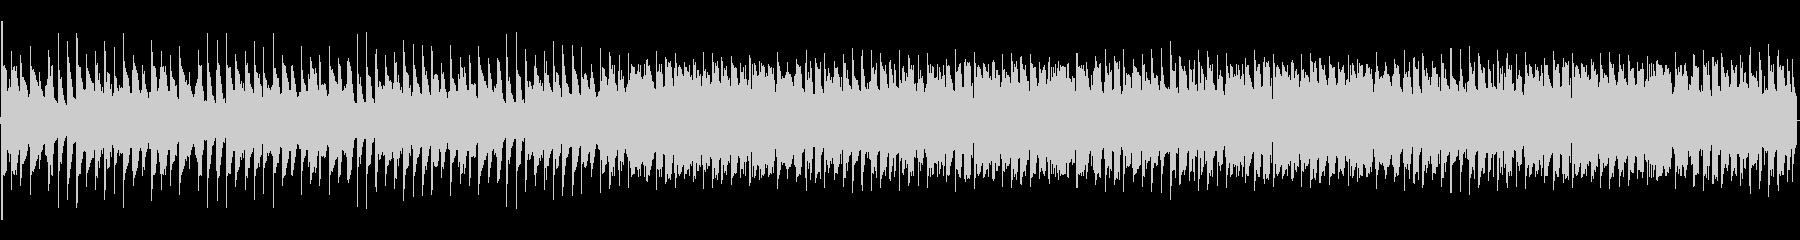 エレクトリックなBGMの未再生の波形